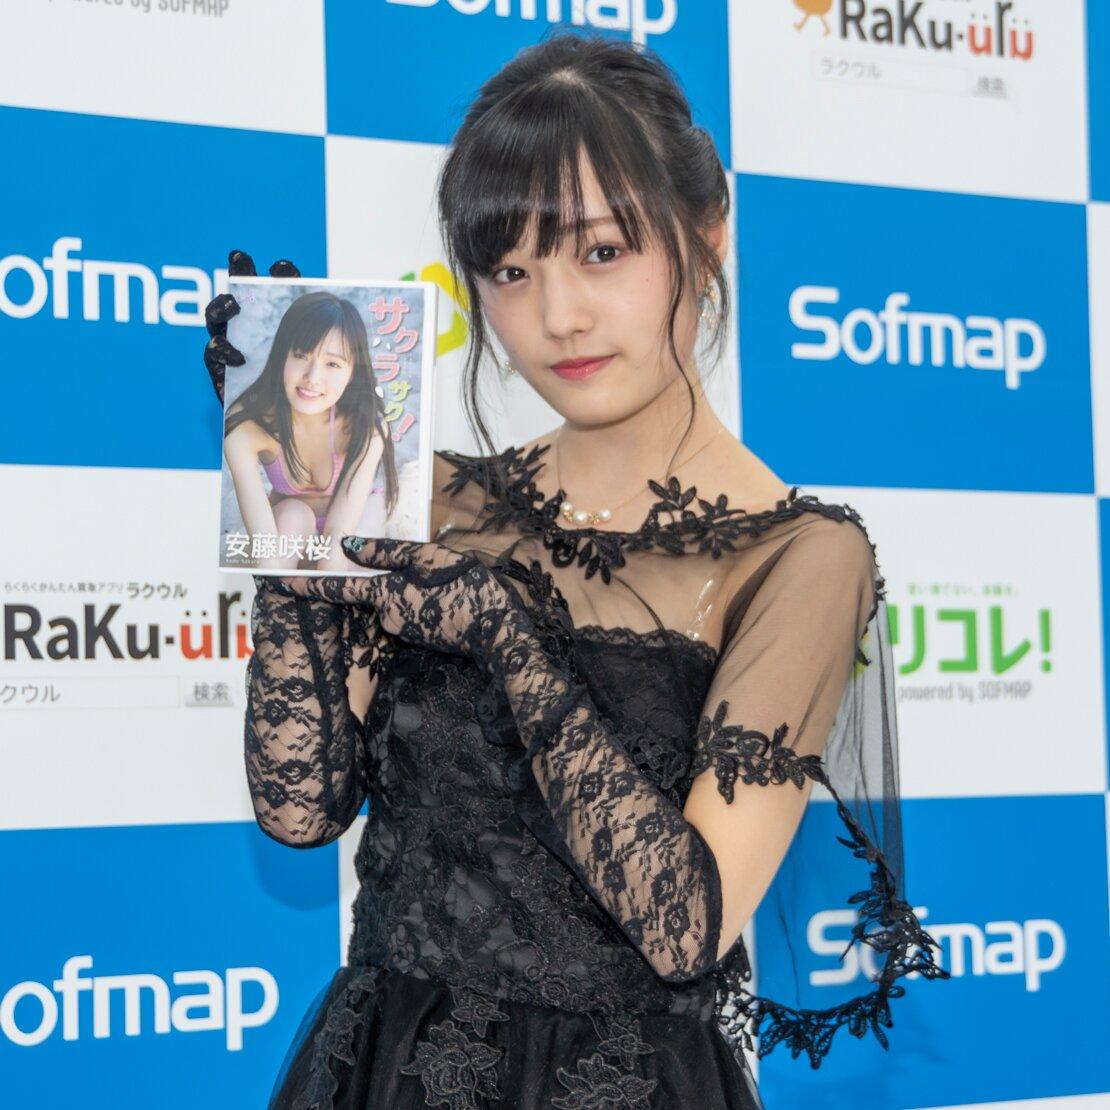 Shizuka Nakamura 中村静香 Sexy Asian Swimsuit 水着 Asian Model グラビア アイドル Gravure Idol